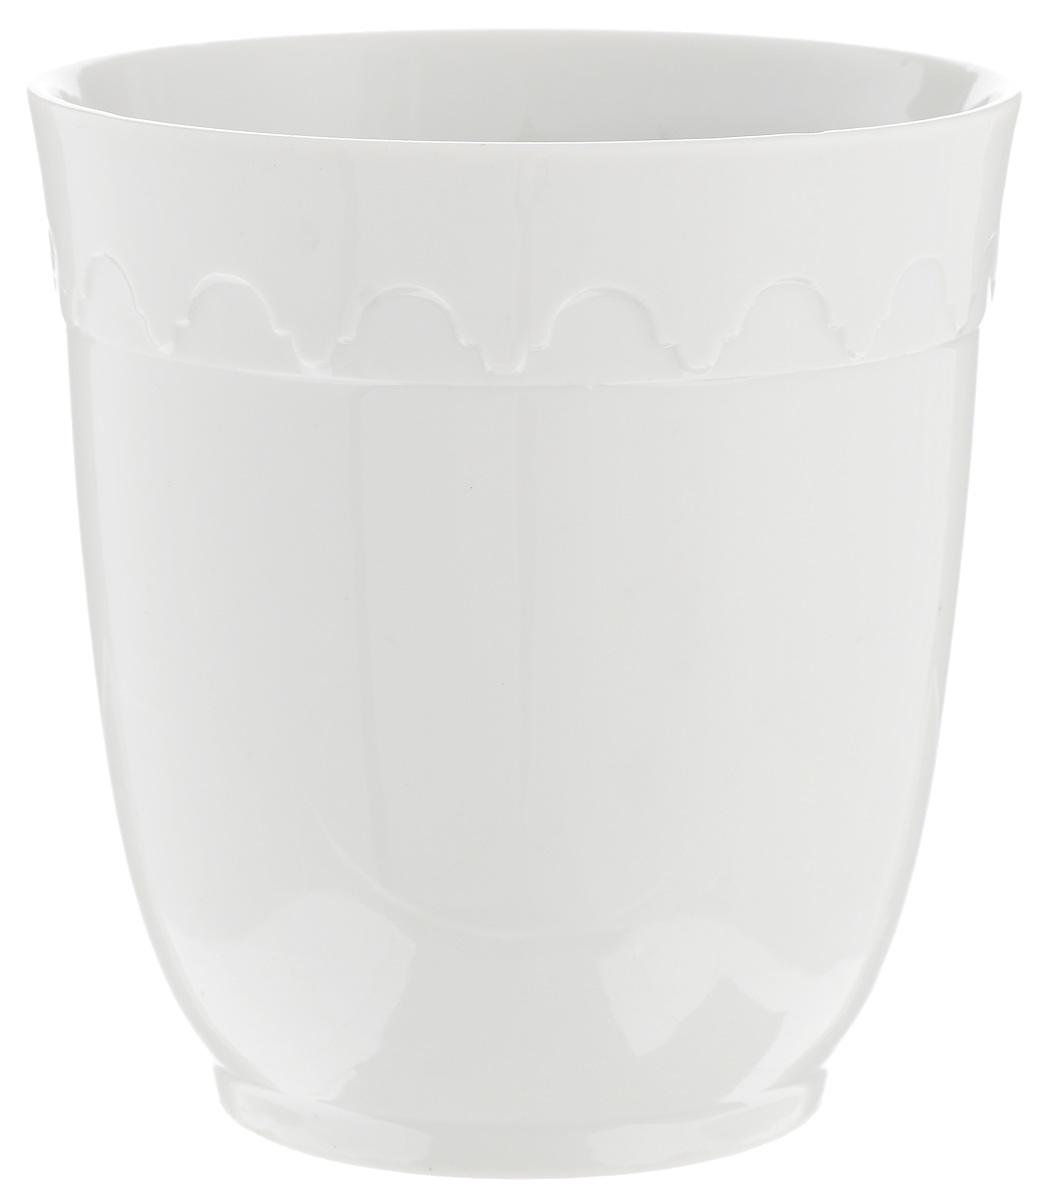 Кружка Фарфор Вербилок Арабеска, без ручки, 250 мл1129000БКружка Фарфор Вербилок Арабеска способна скрасить любое чаепитие. Изделие выполнено из высококачественного фарфора. Посуда из такого материала позволяет сохранить истинный вкус напитка, а также помогает ему дольше оставаться теплым.Диаметр по верхнему краю: 8 см.Высота кружки: 9 см.